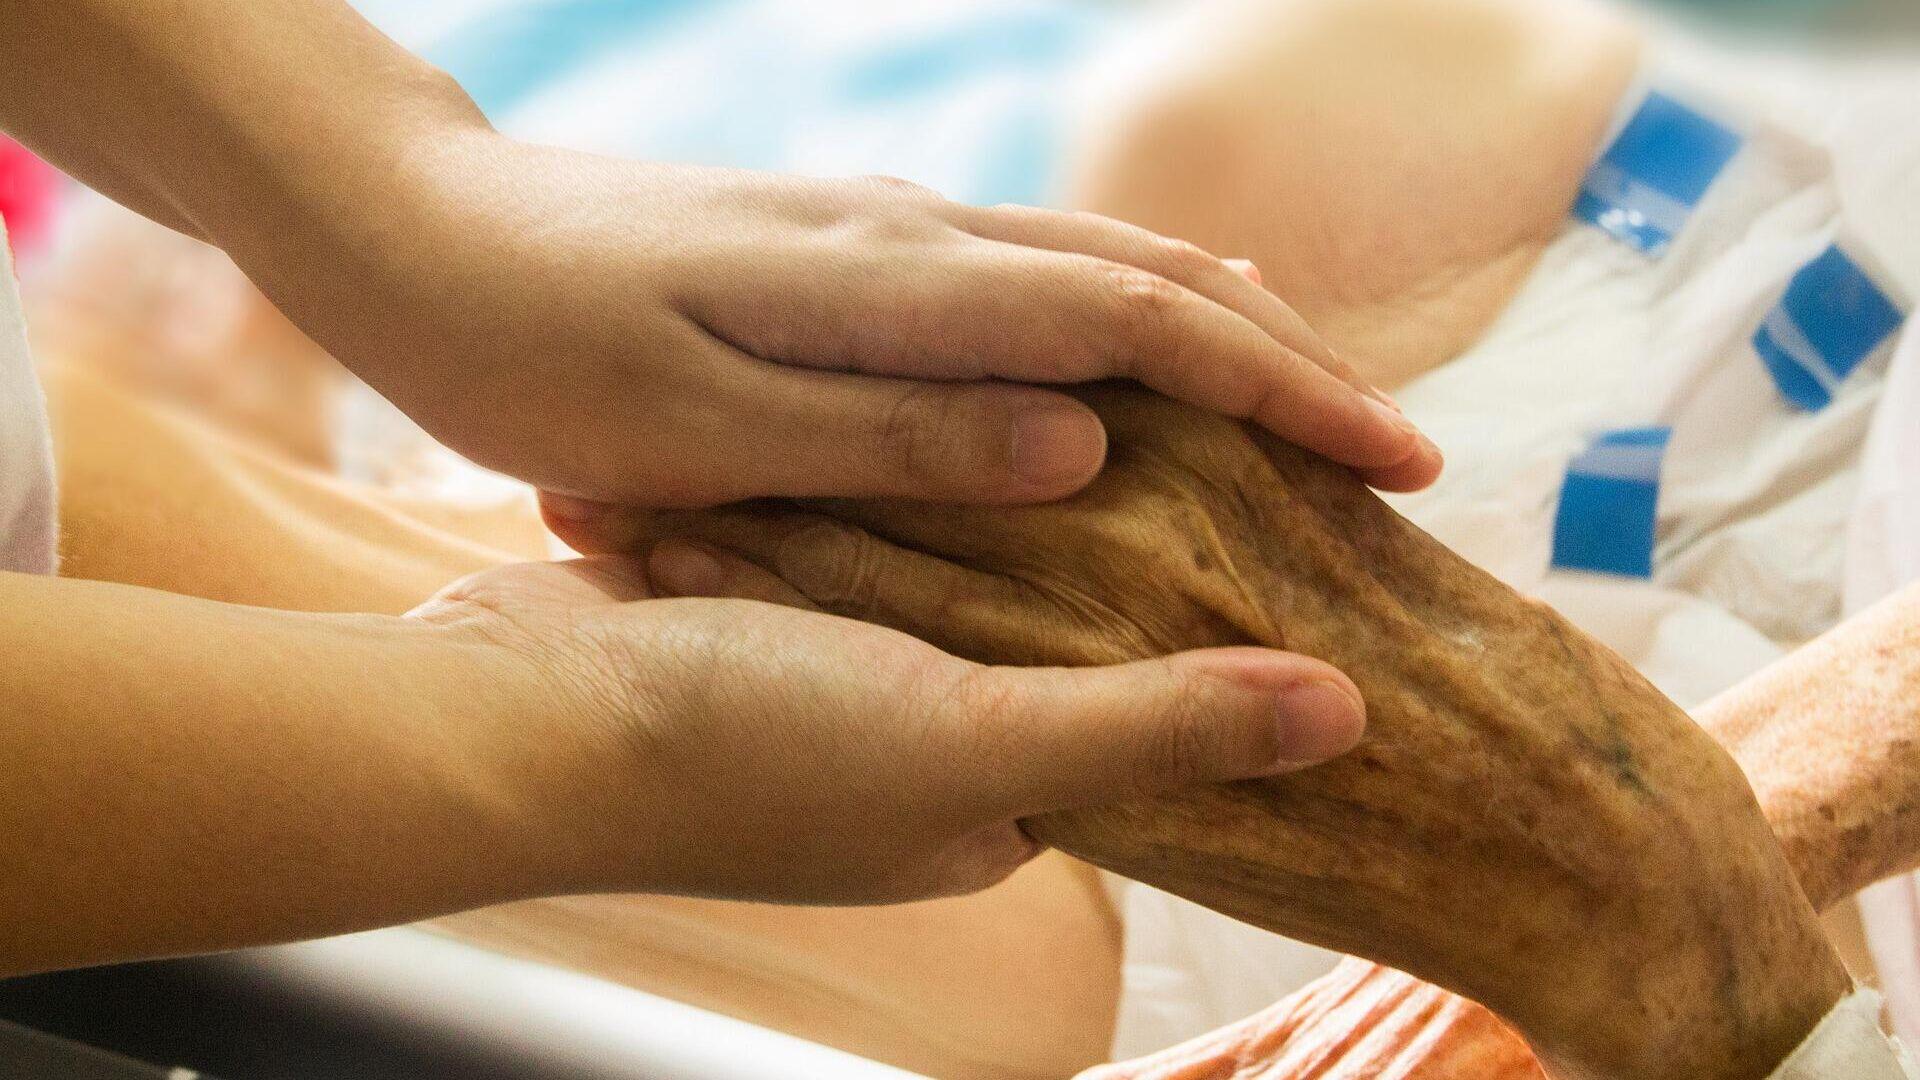 Una persona sosteniendo la mano de un paciente - Sputnik Mundo, 1920, 25.06.2021